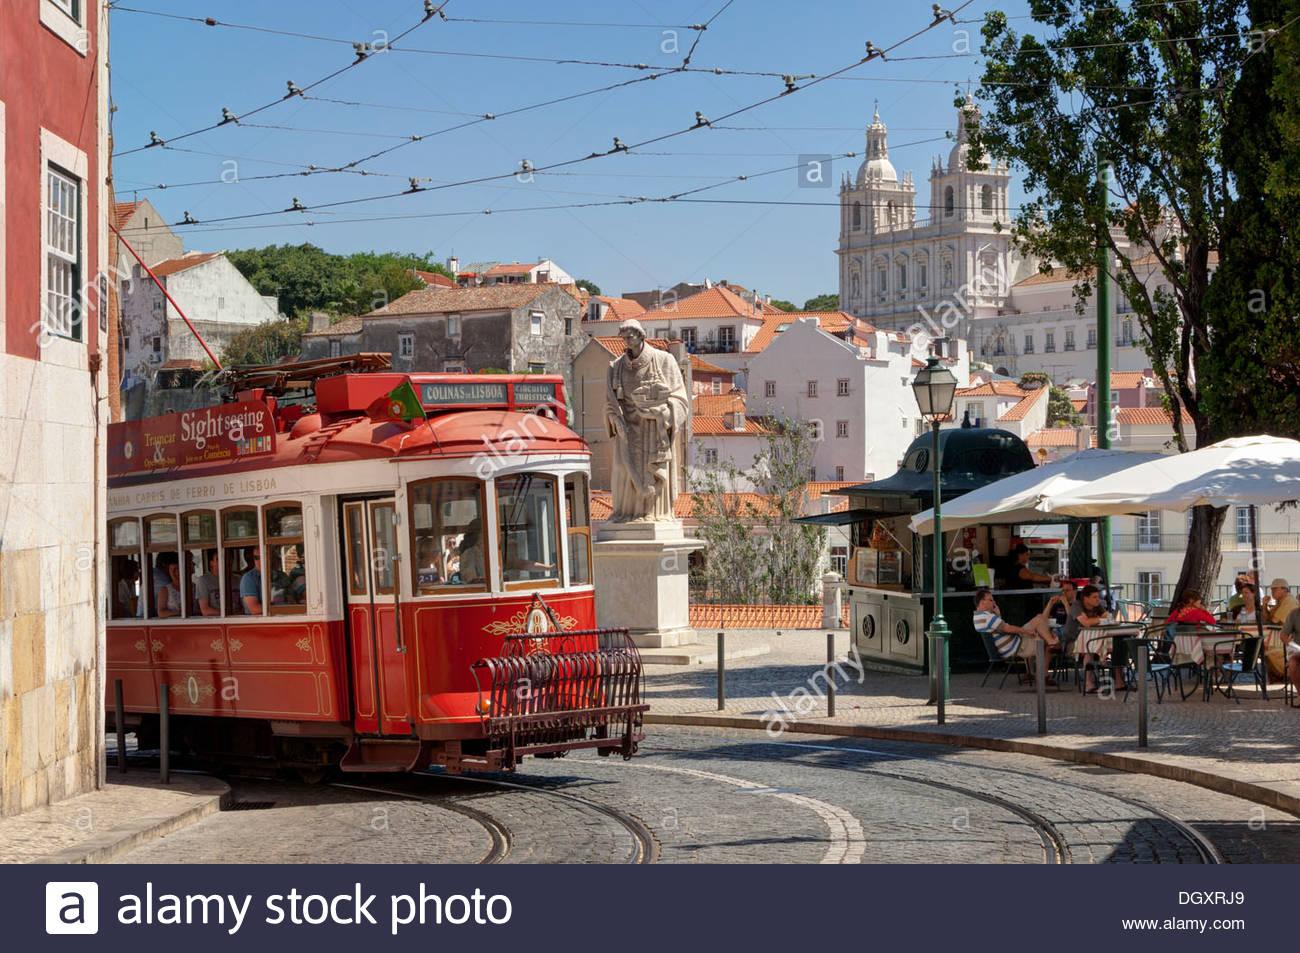 Portugal, Lisbon, a tram and street café, Largo de Santa Luzia - Stock Image